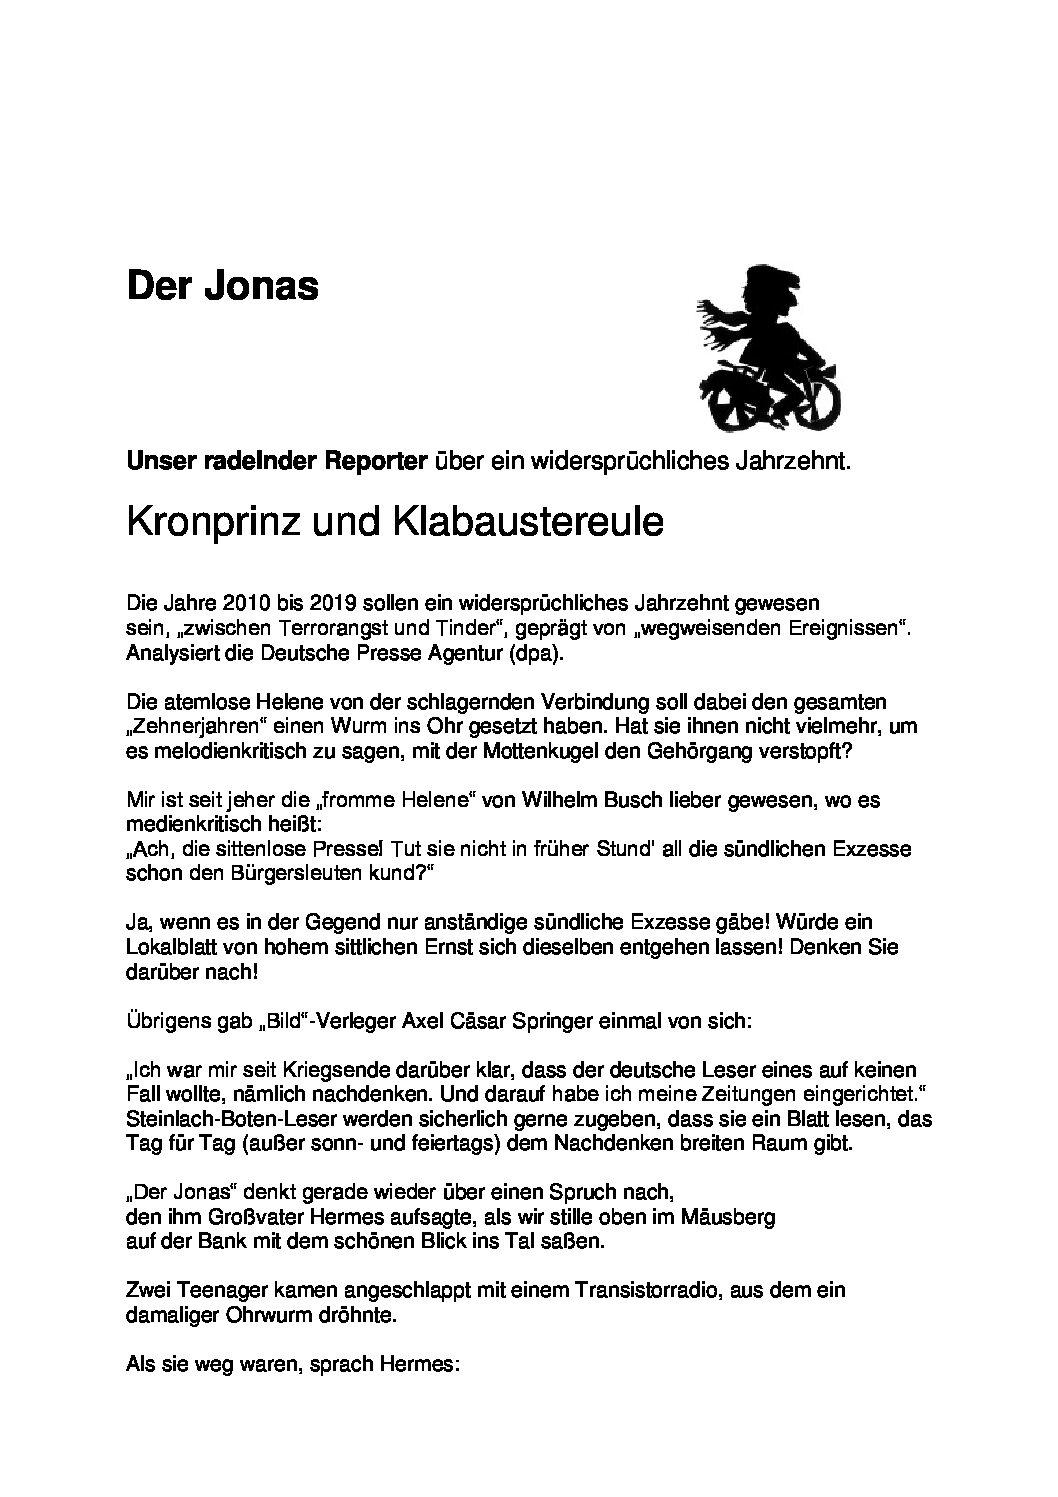 https://tuebingen.vvn-bda.de/wp-content/uploads/sites/45/2019/12/Der-Jonas-1-pdf.jpg